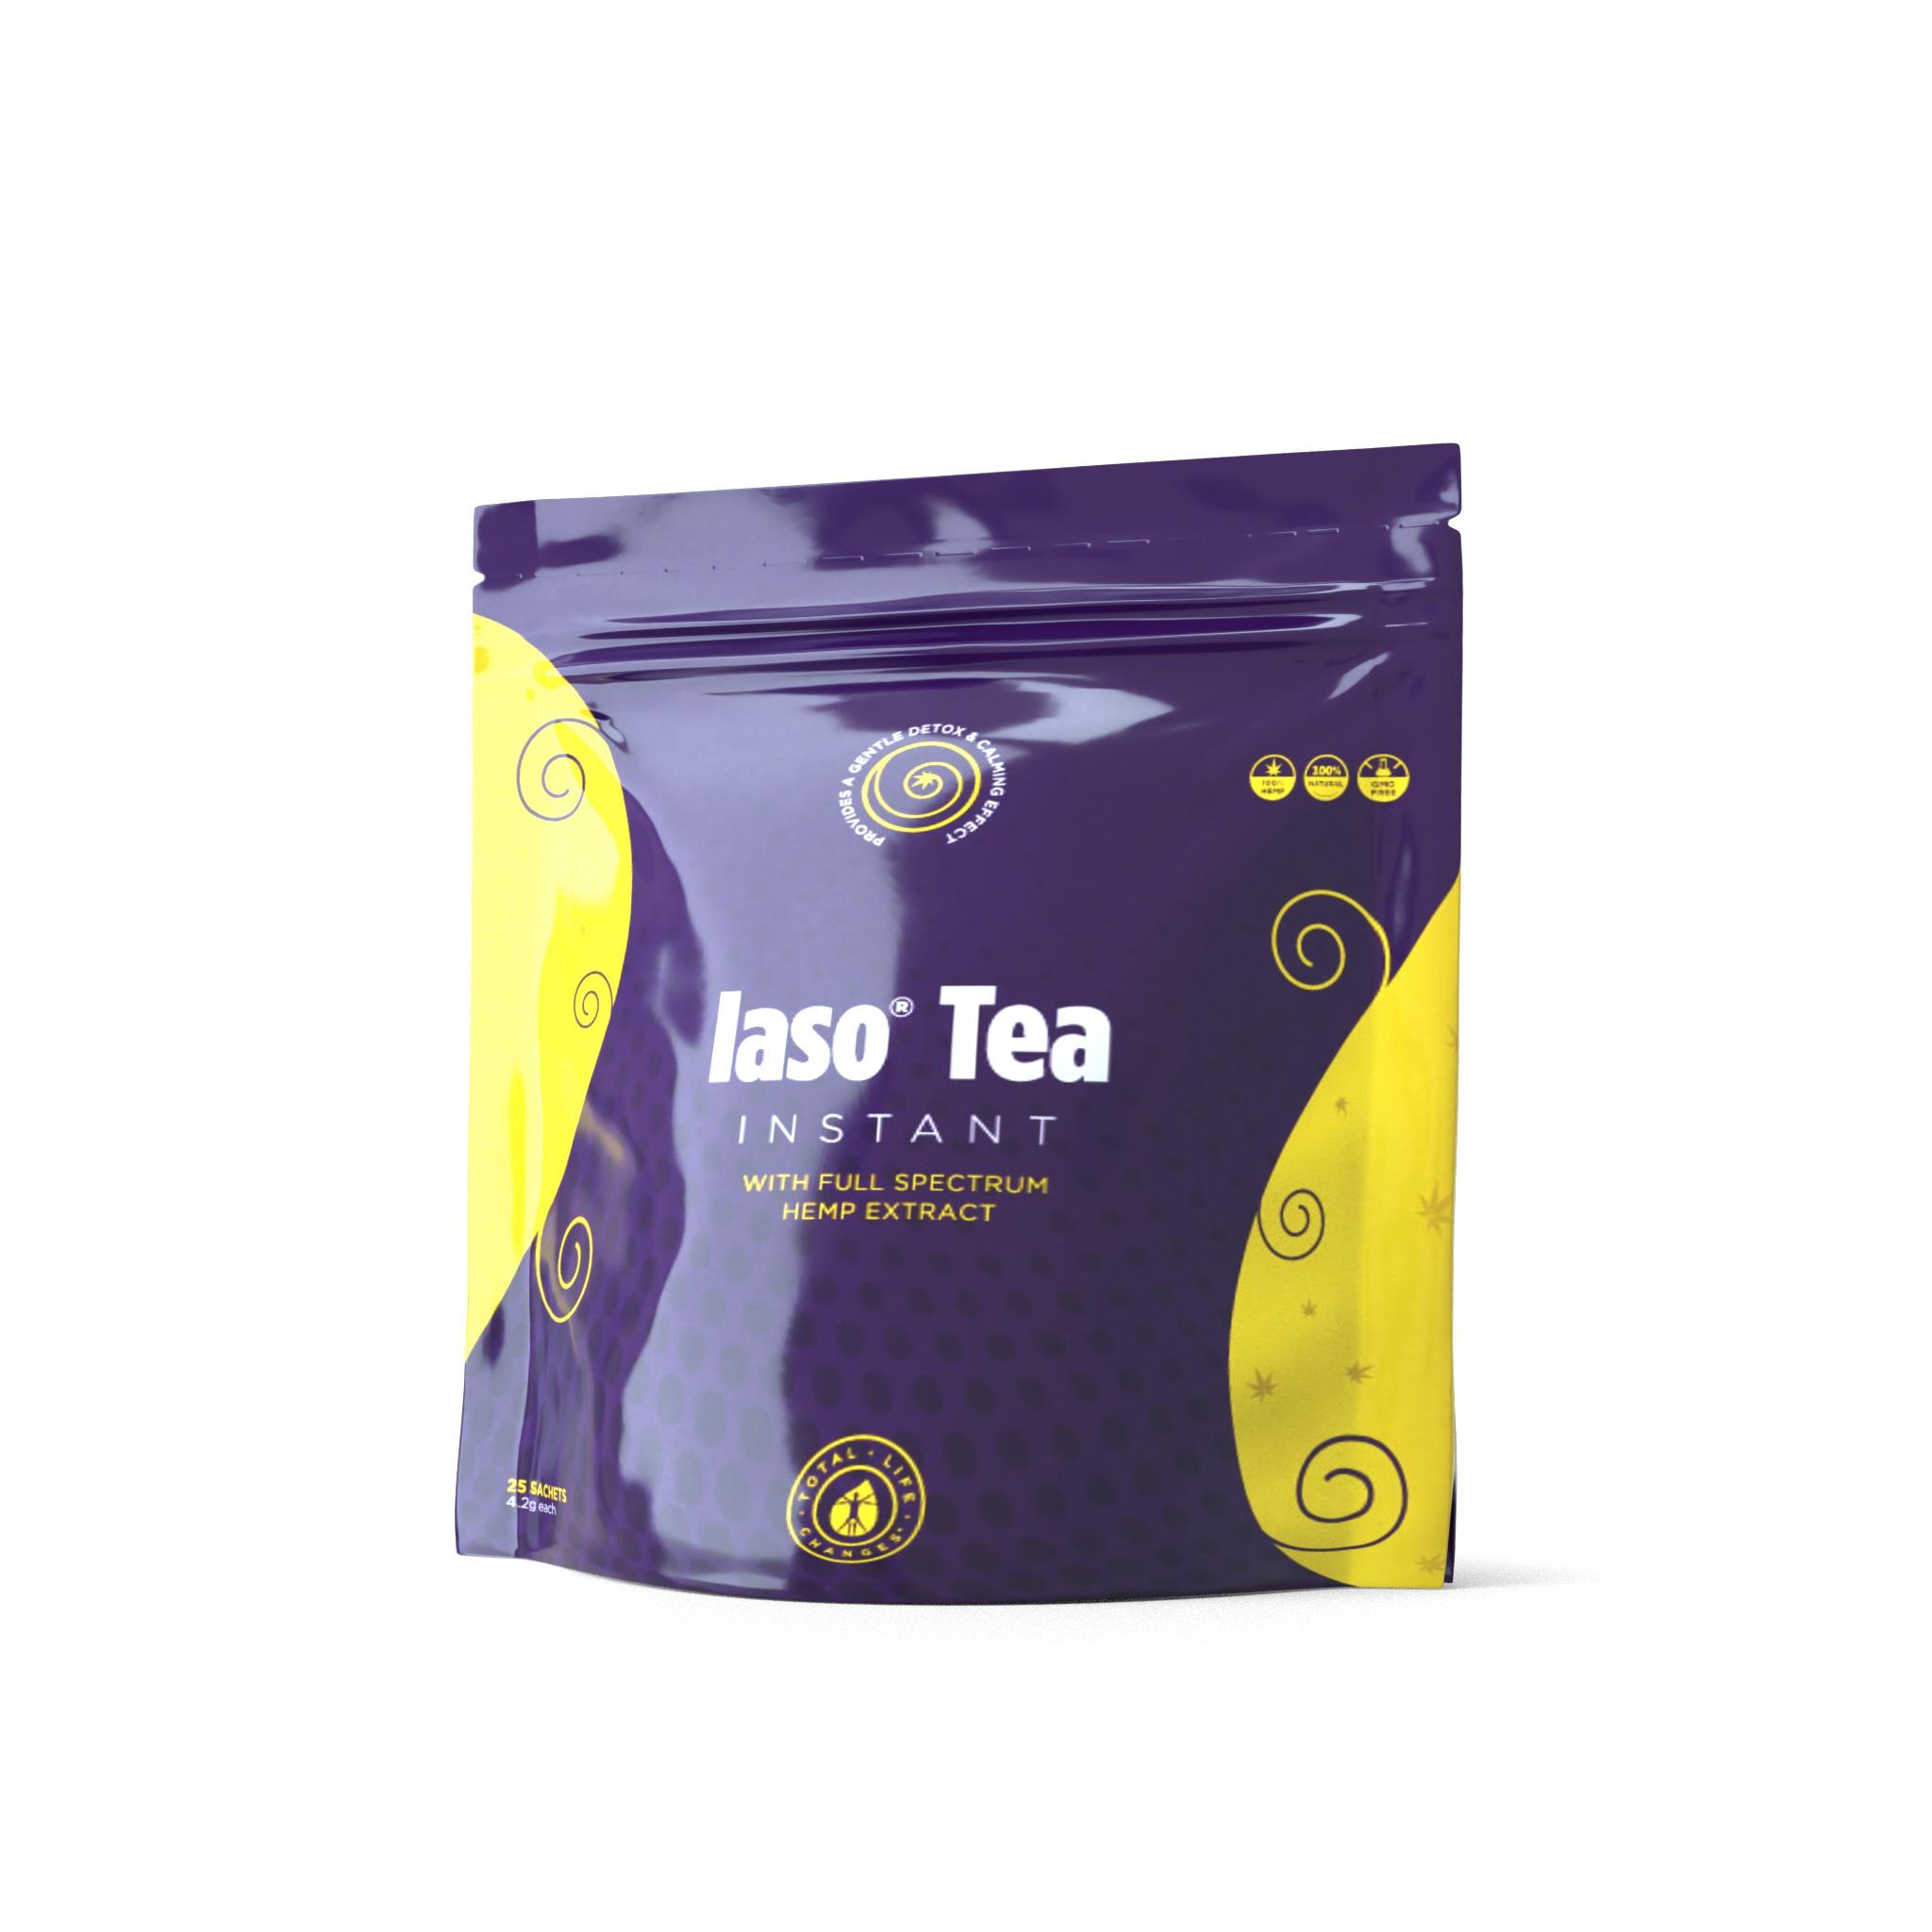 Iaso Detox Instant Tea Lemon Buy Iaso